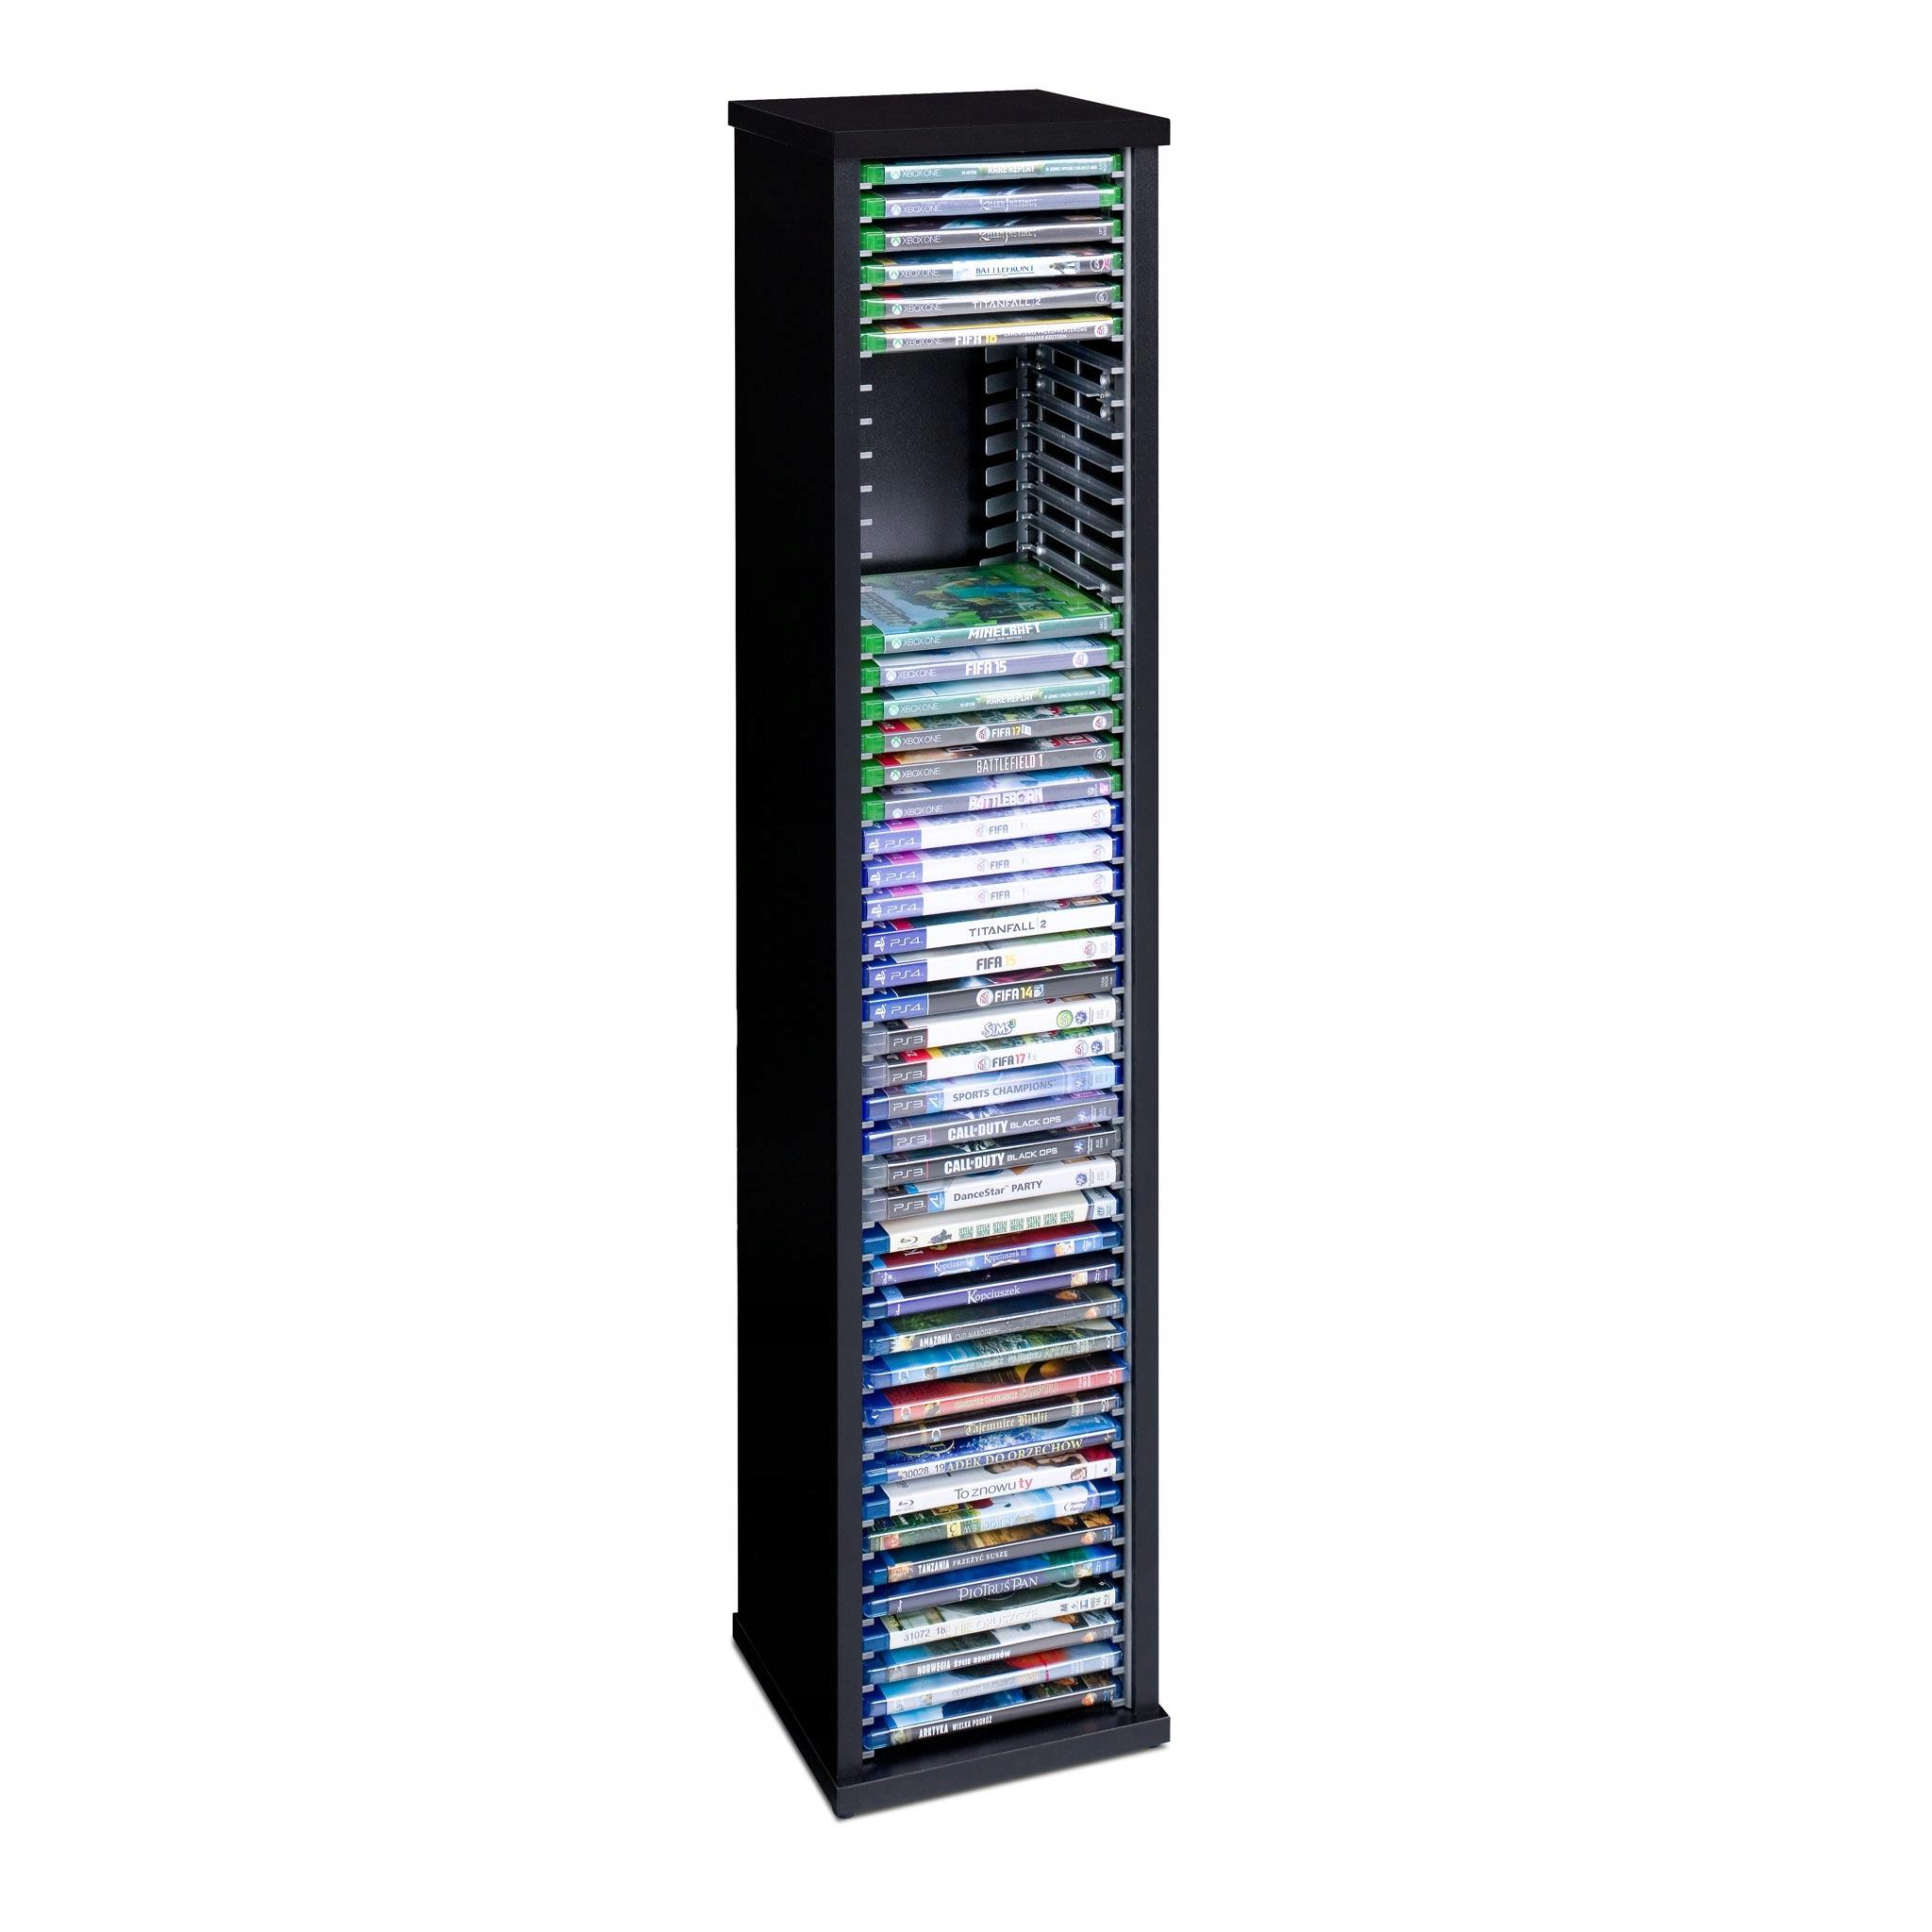 Stojan Kontajner Rack hra PS3 PS4 Xbox Blu-ray 45